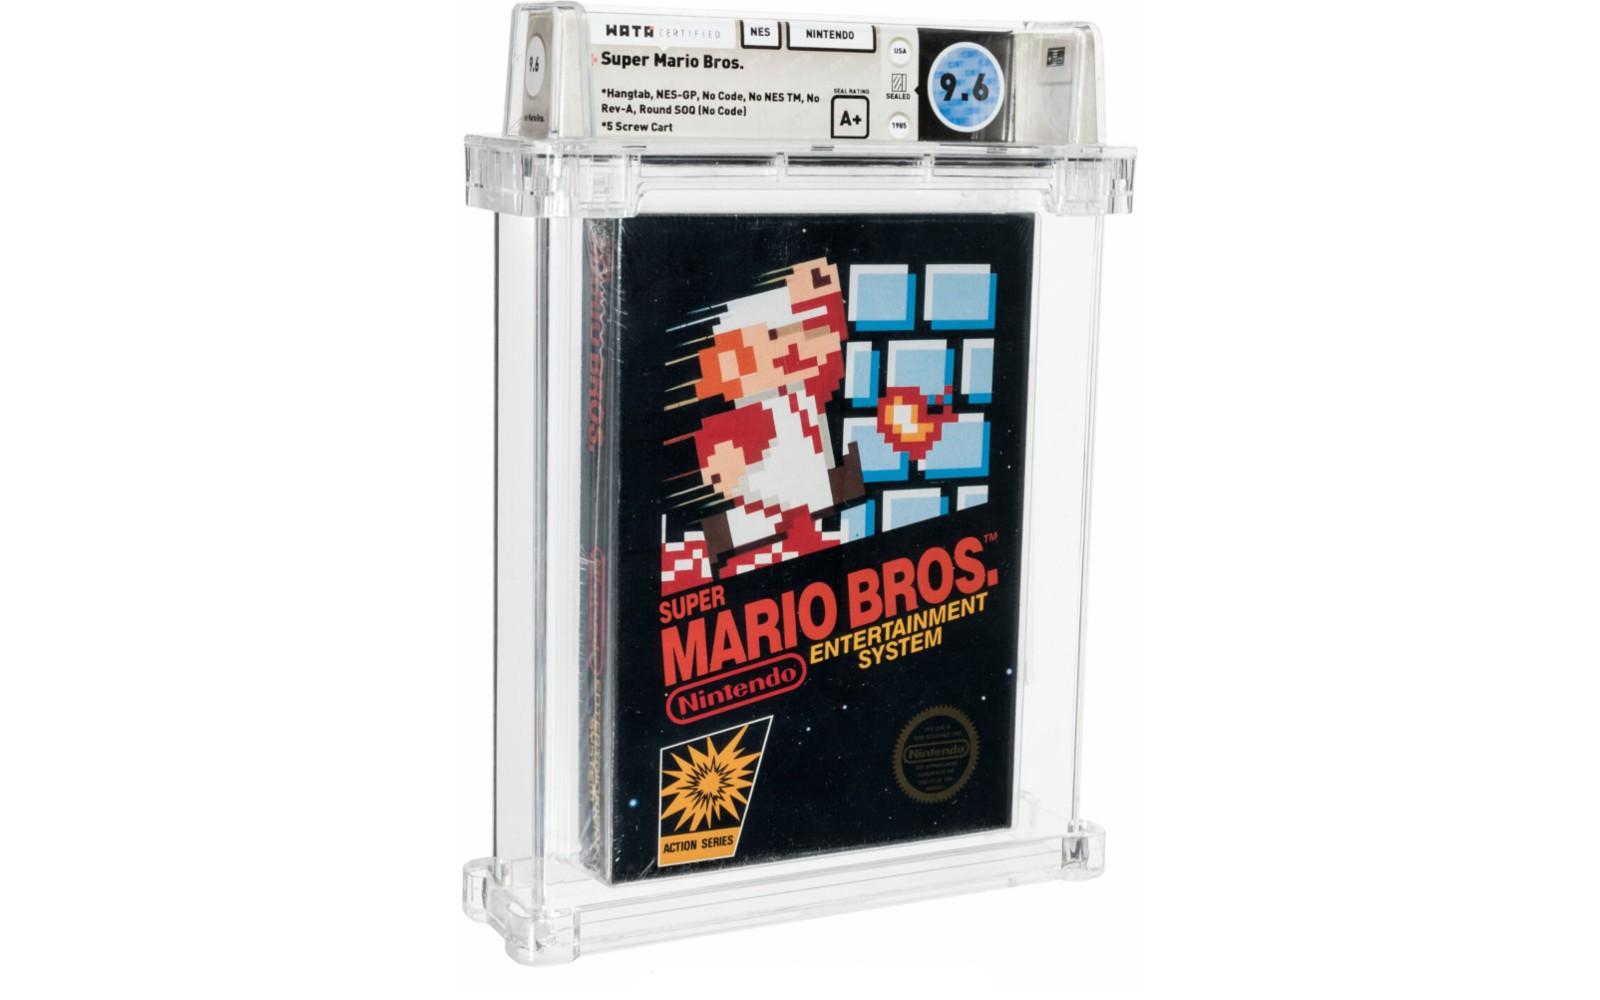 Super Mario Bros. - Wata 9.6 A+ Sealed